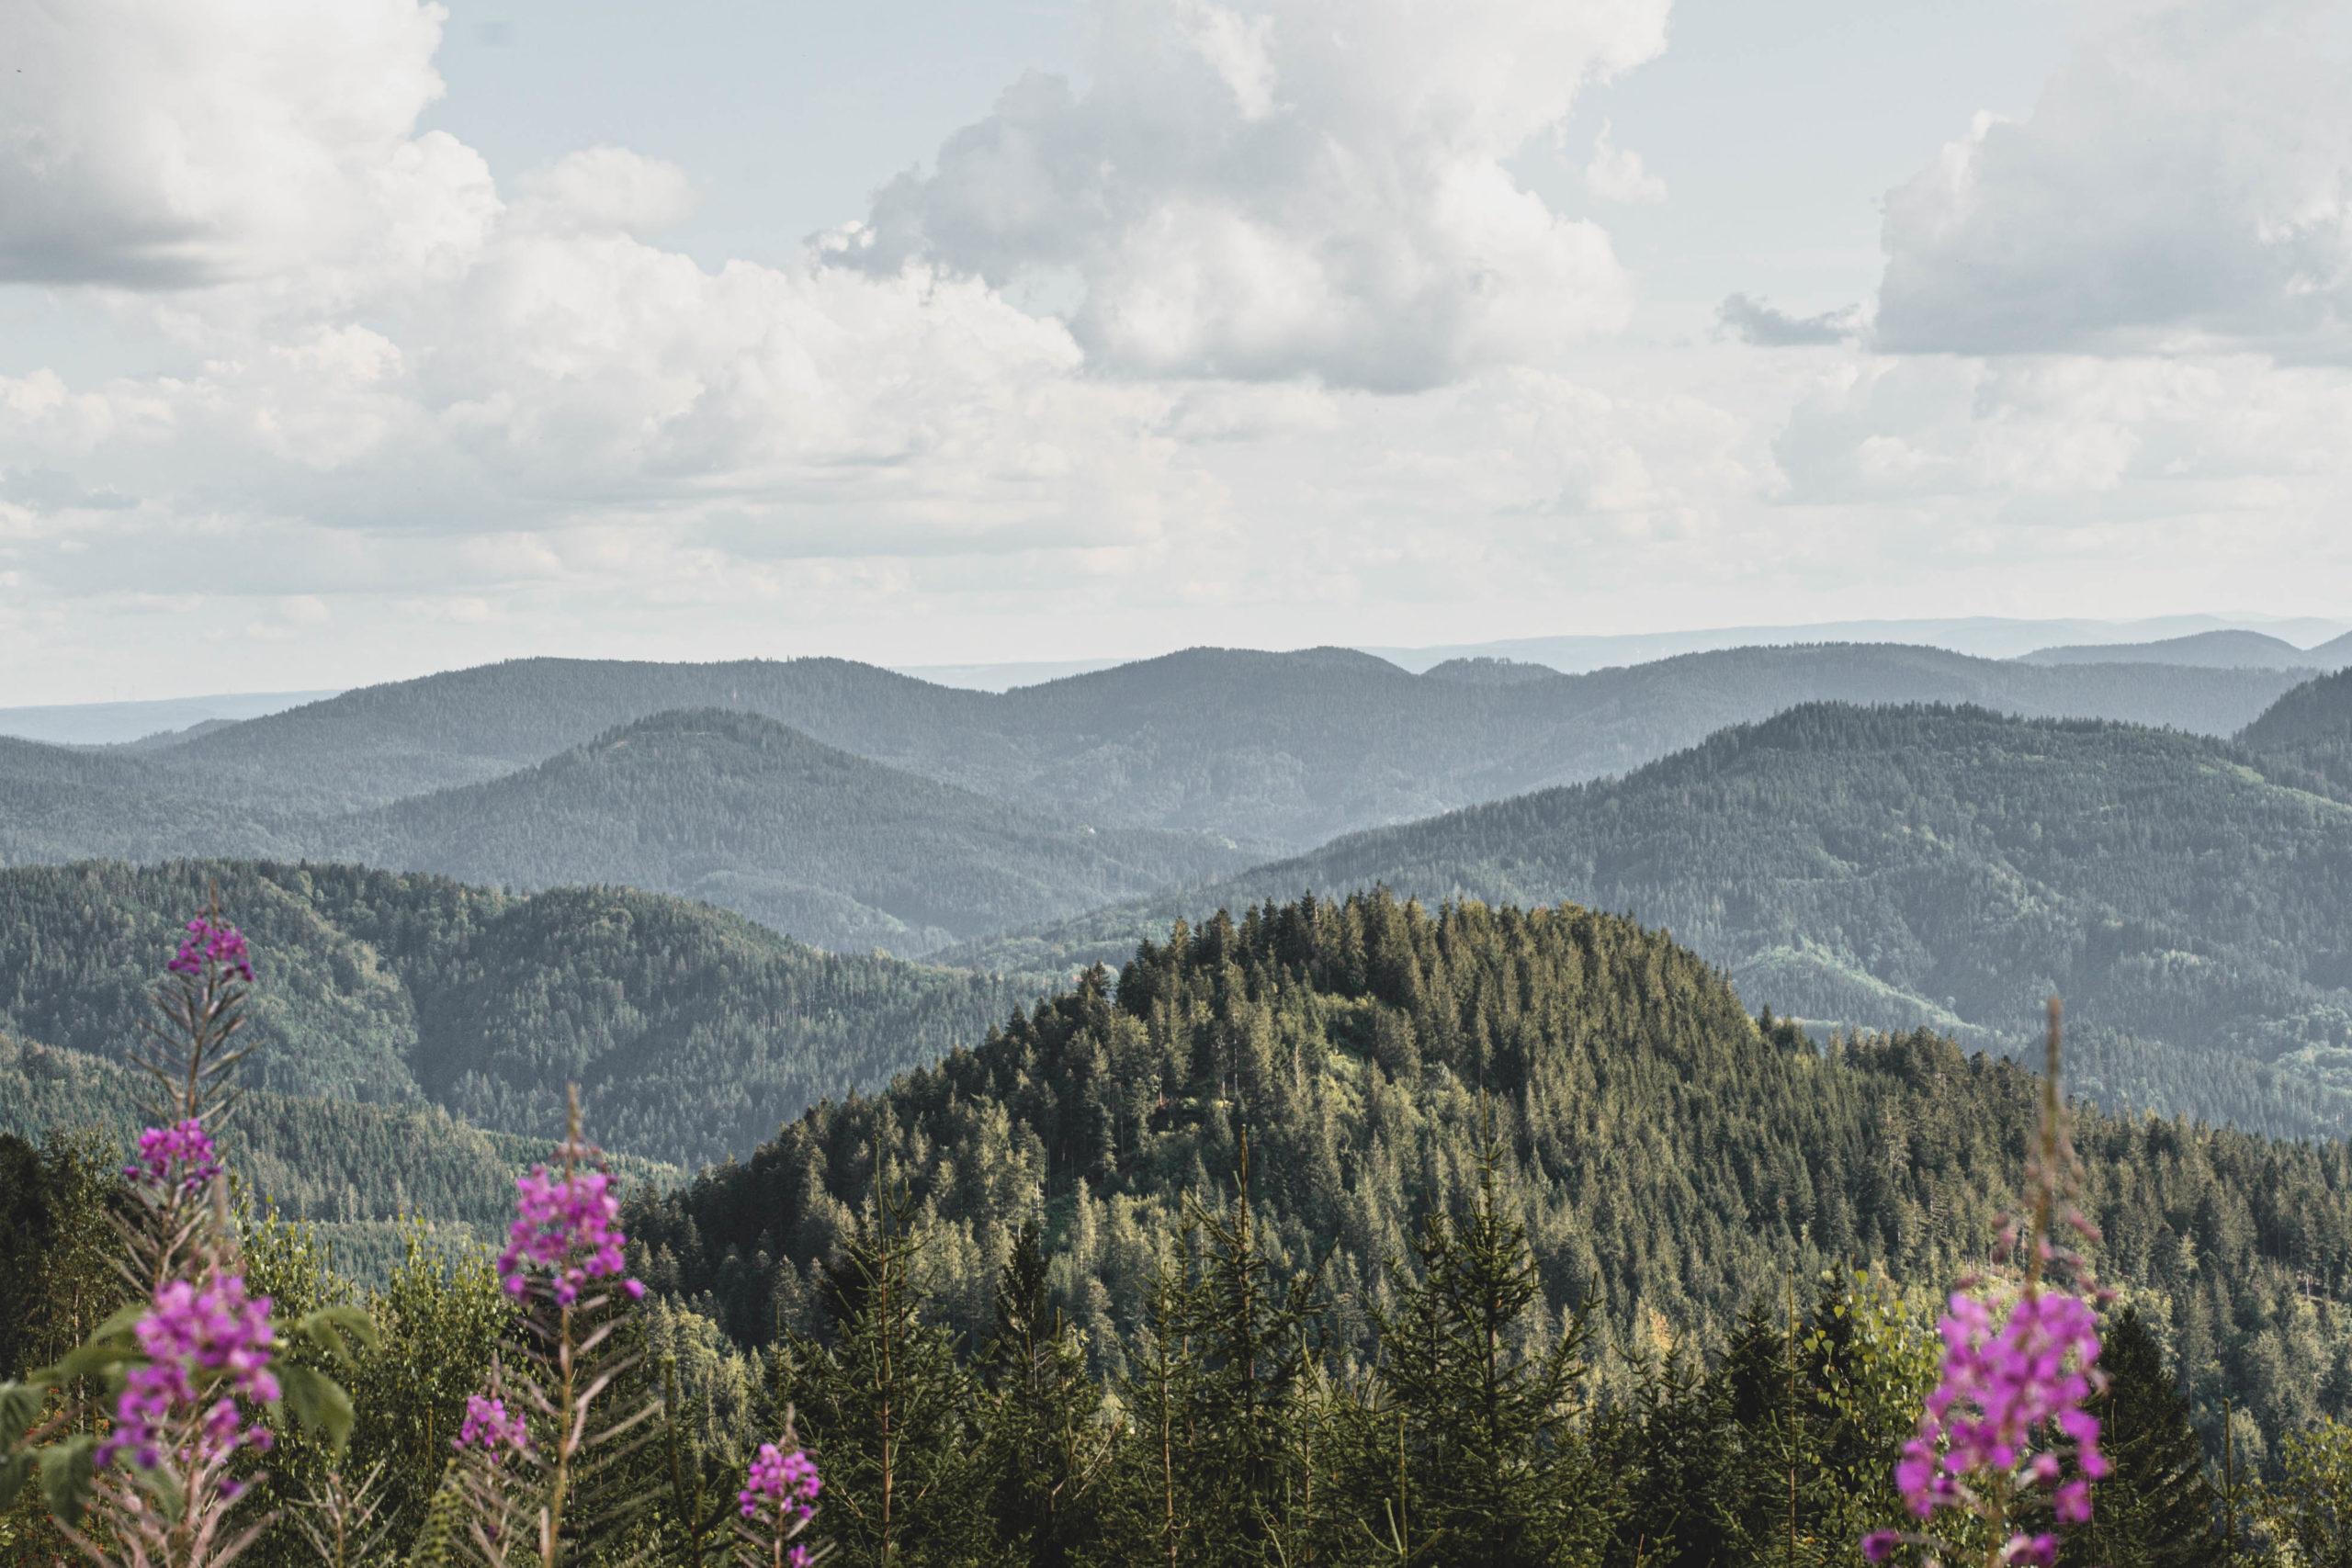 Blick auf den Schwarzwald und die grünen Hügel